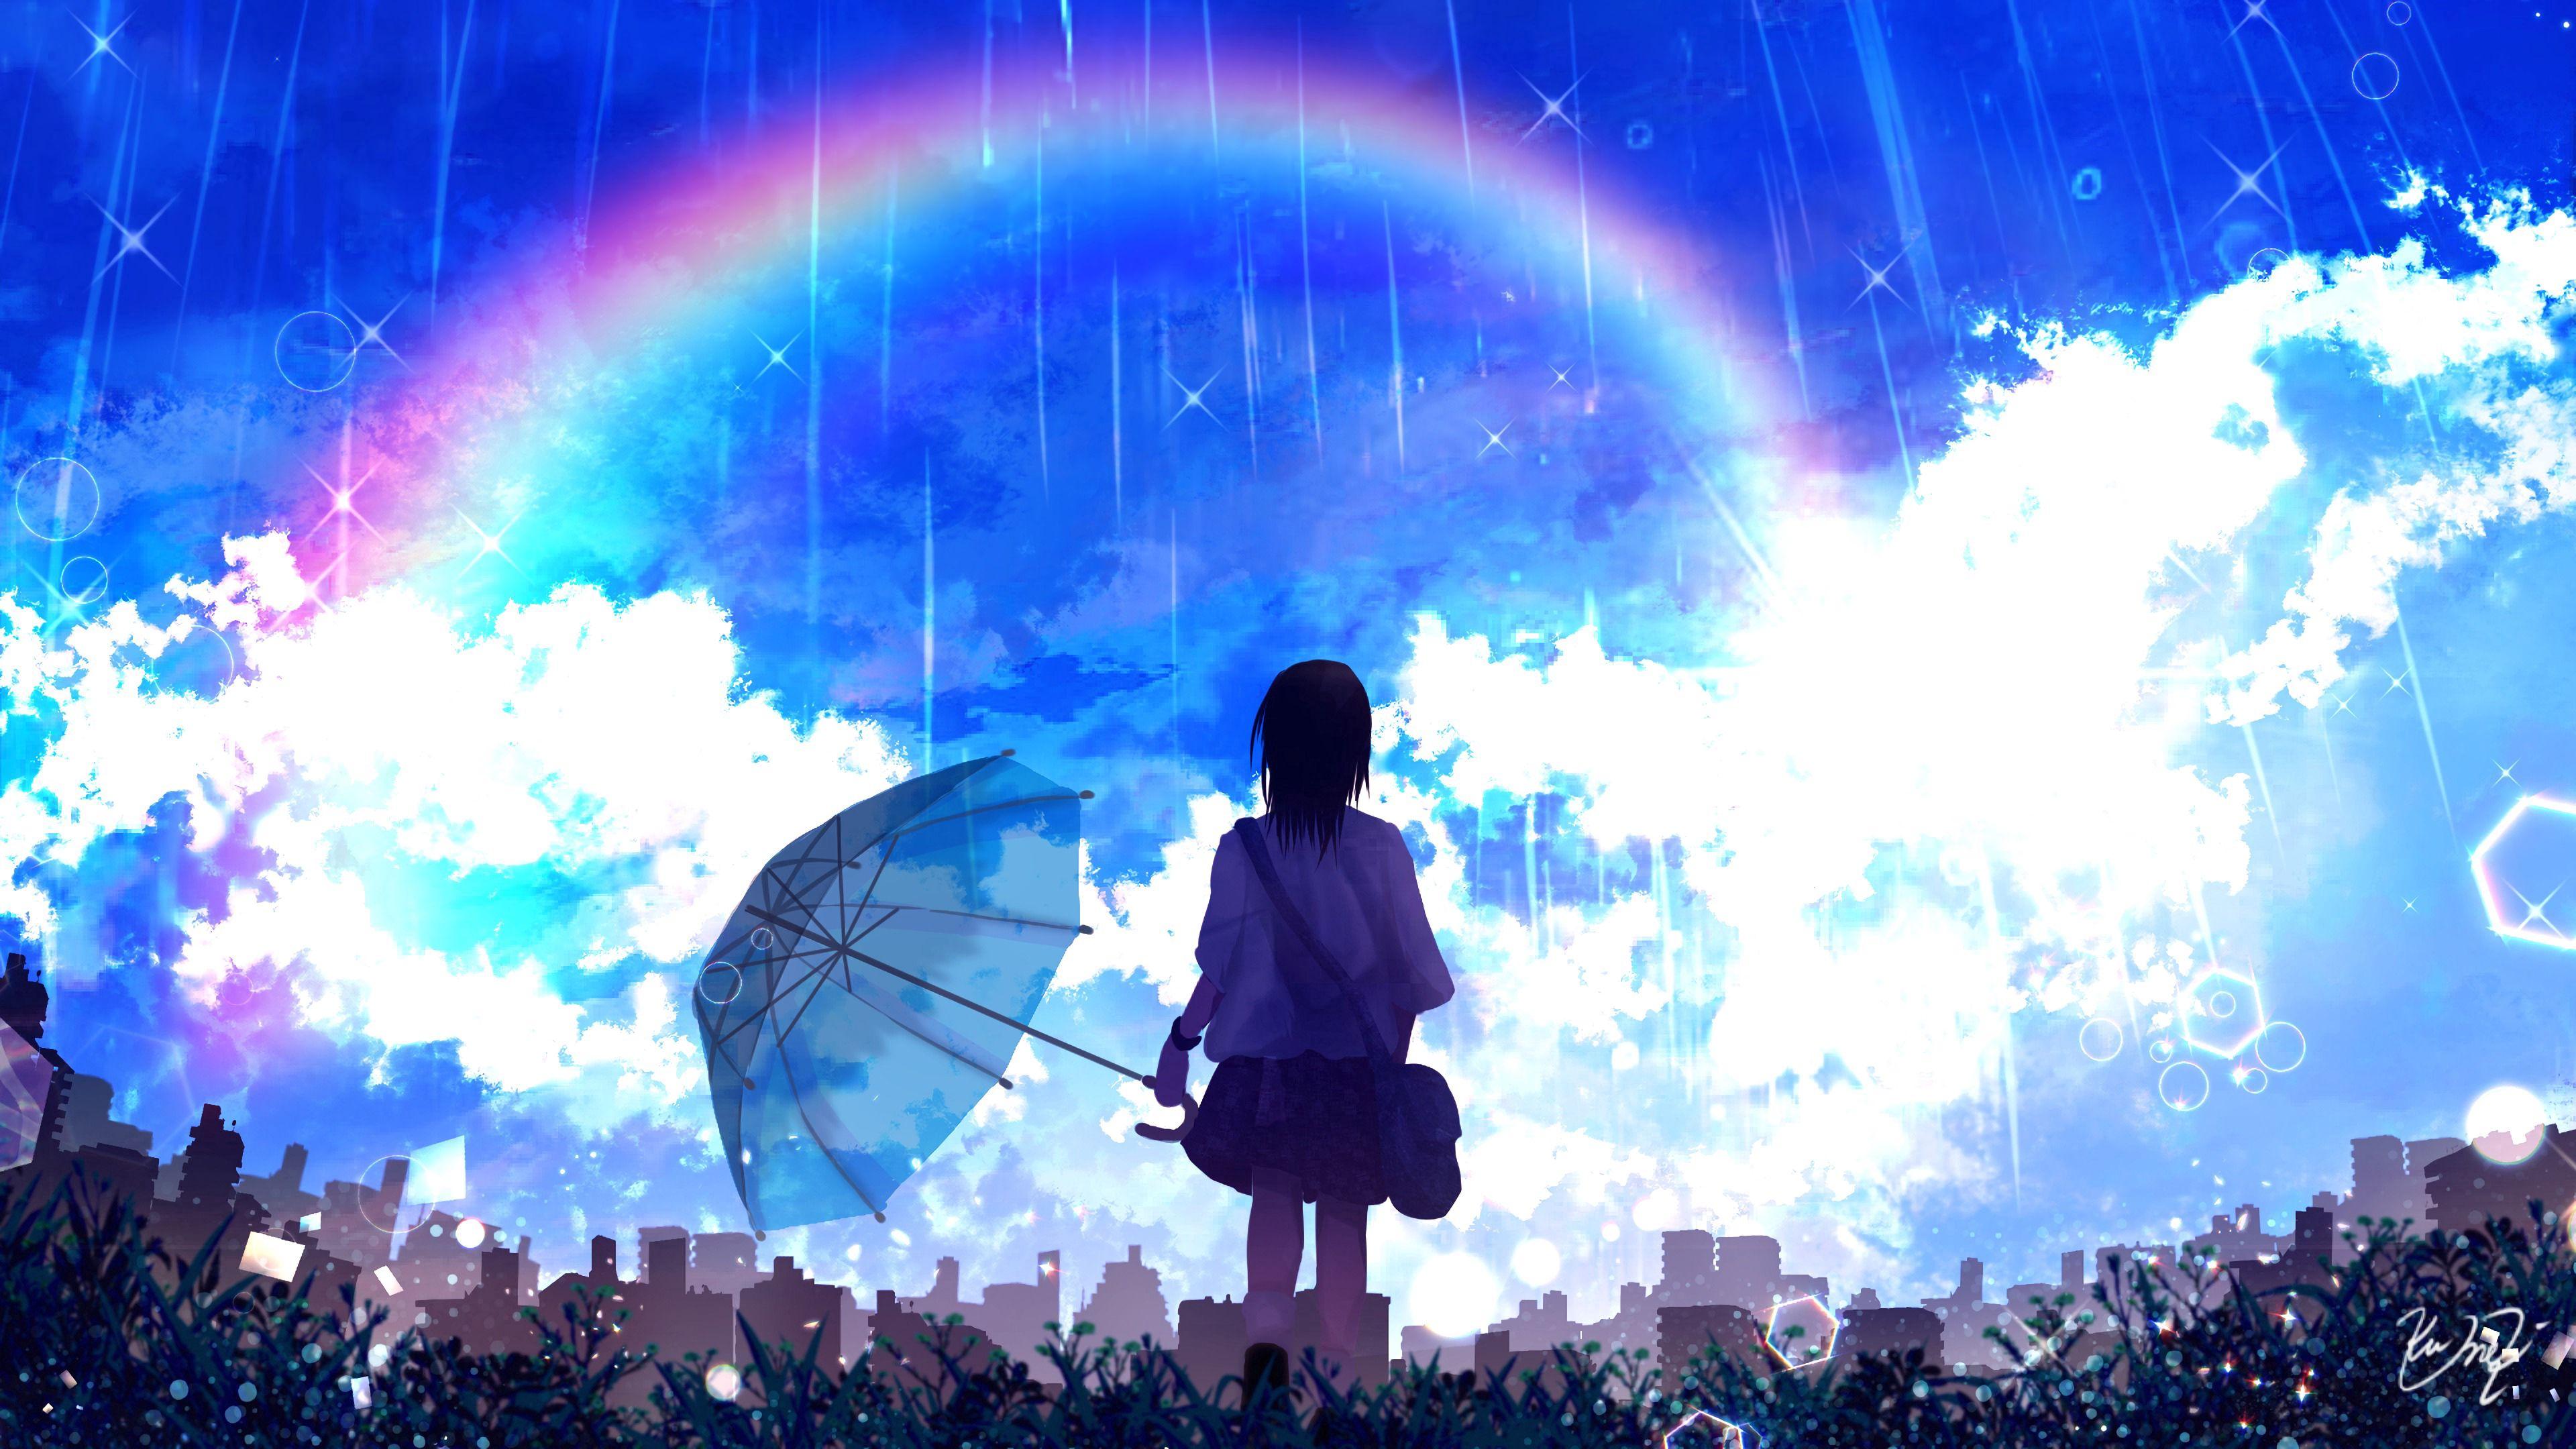 91093壁紙のダウンロードシルエット, 傘, レインボー, 雨, アート-スクリーンセーバーと写真を無料で